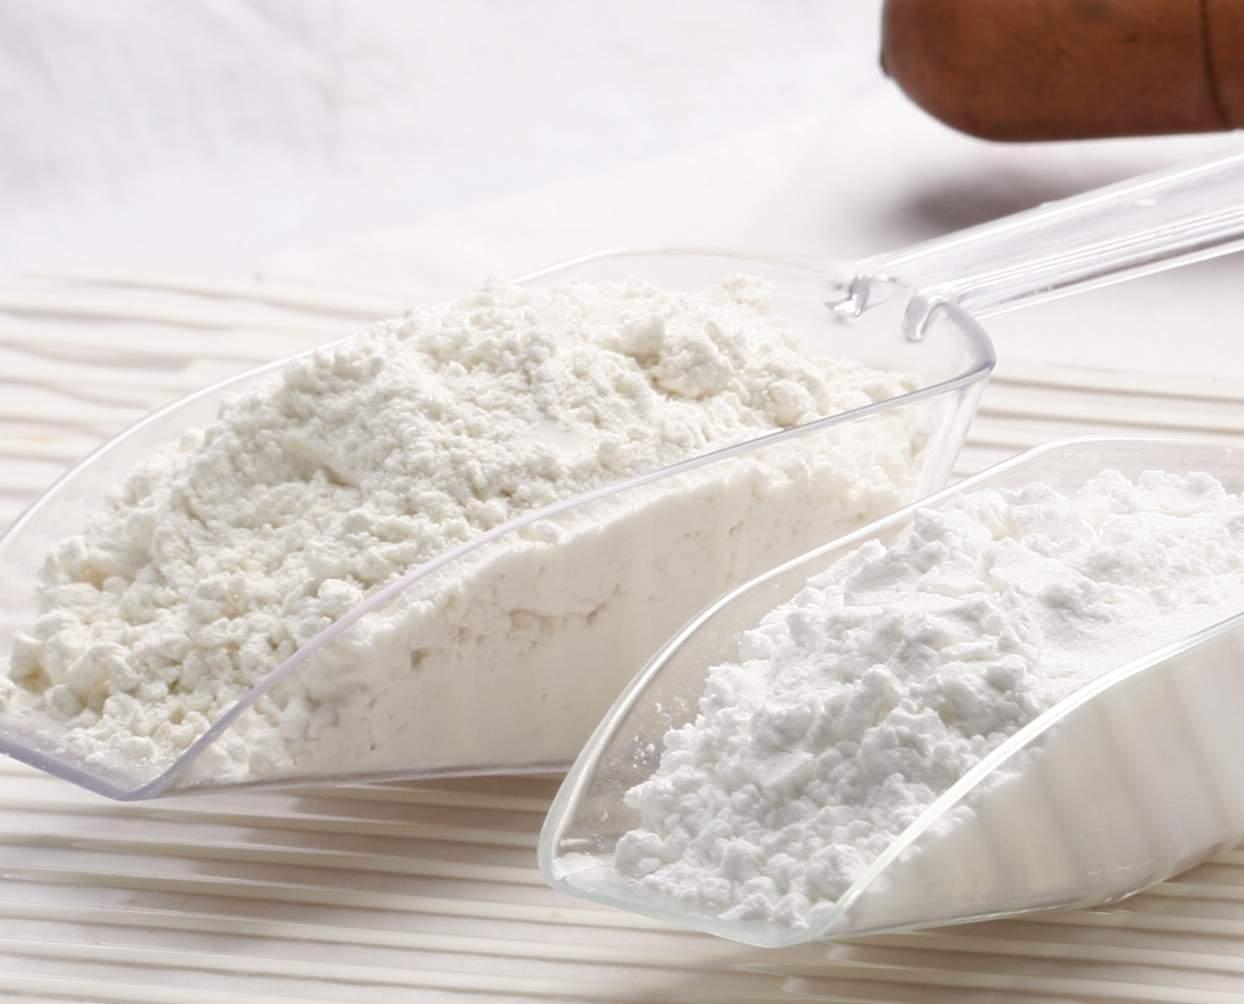 Sifat Tepung 25820 Sni 3751 2009 Tepung Terigu Slideshare Cookies N Cake Tepung Terigu